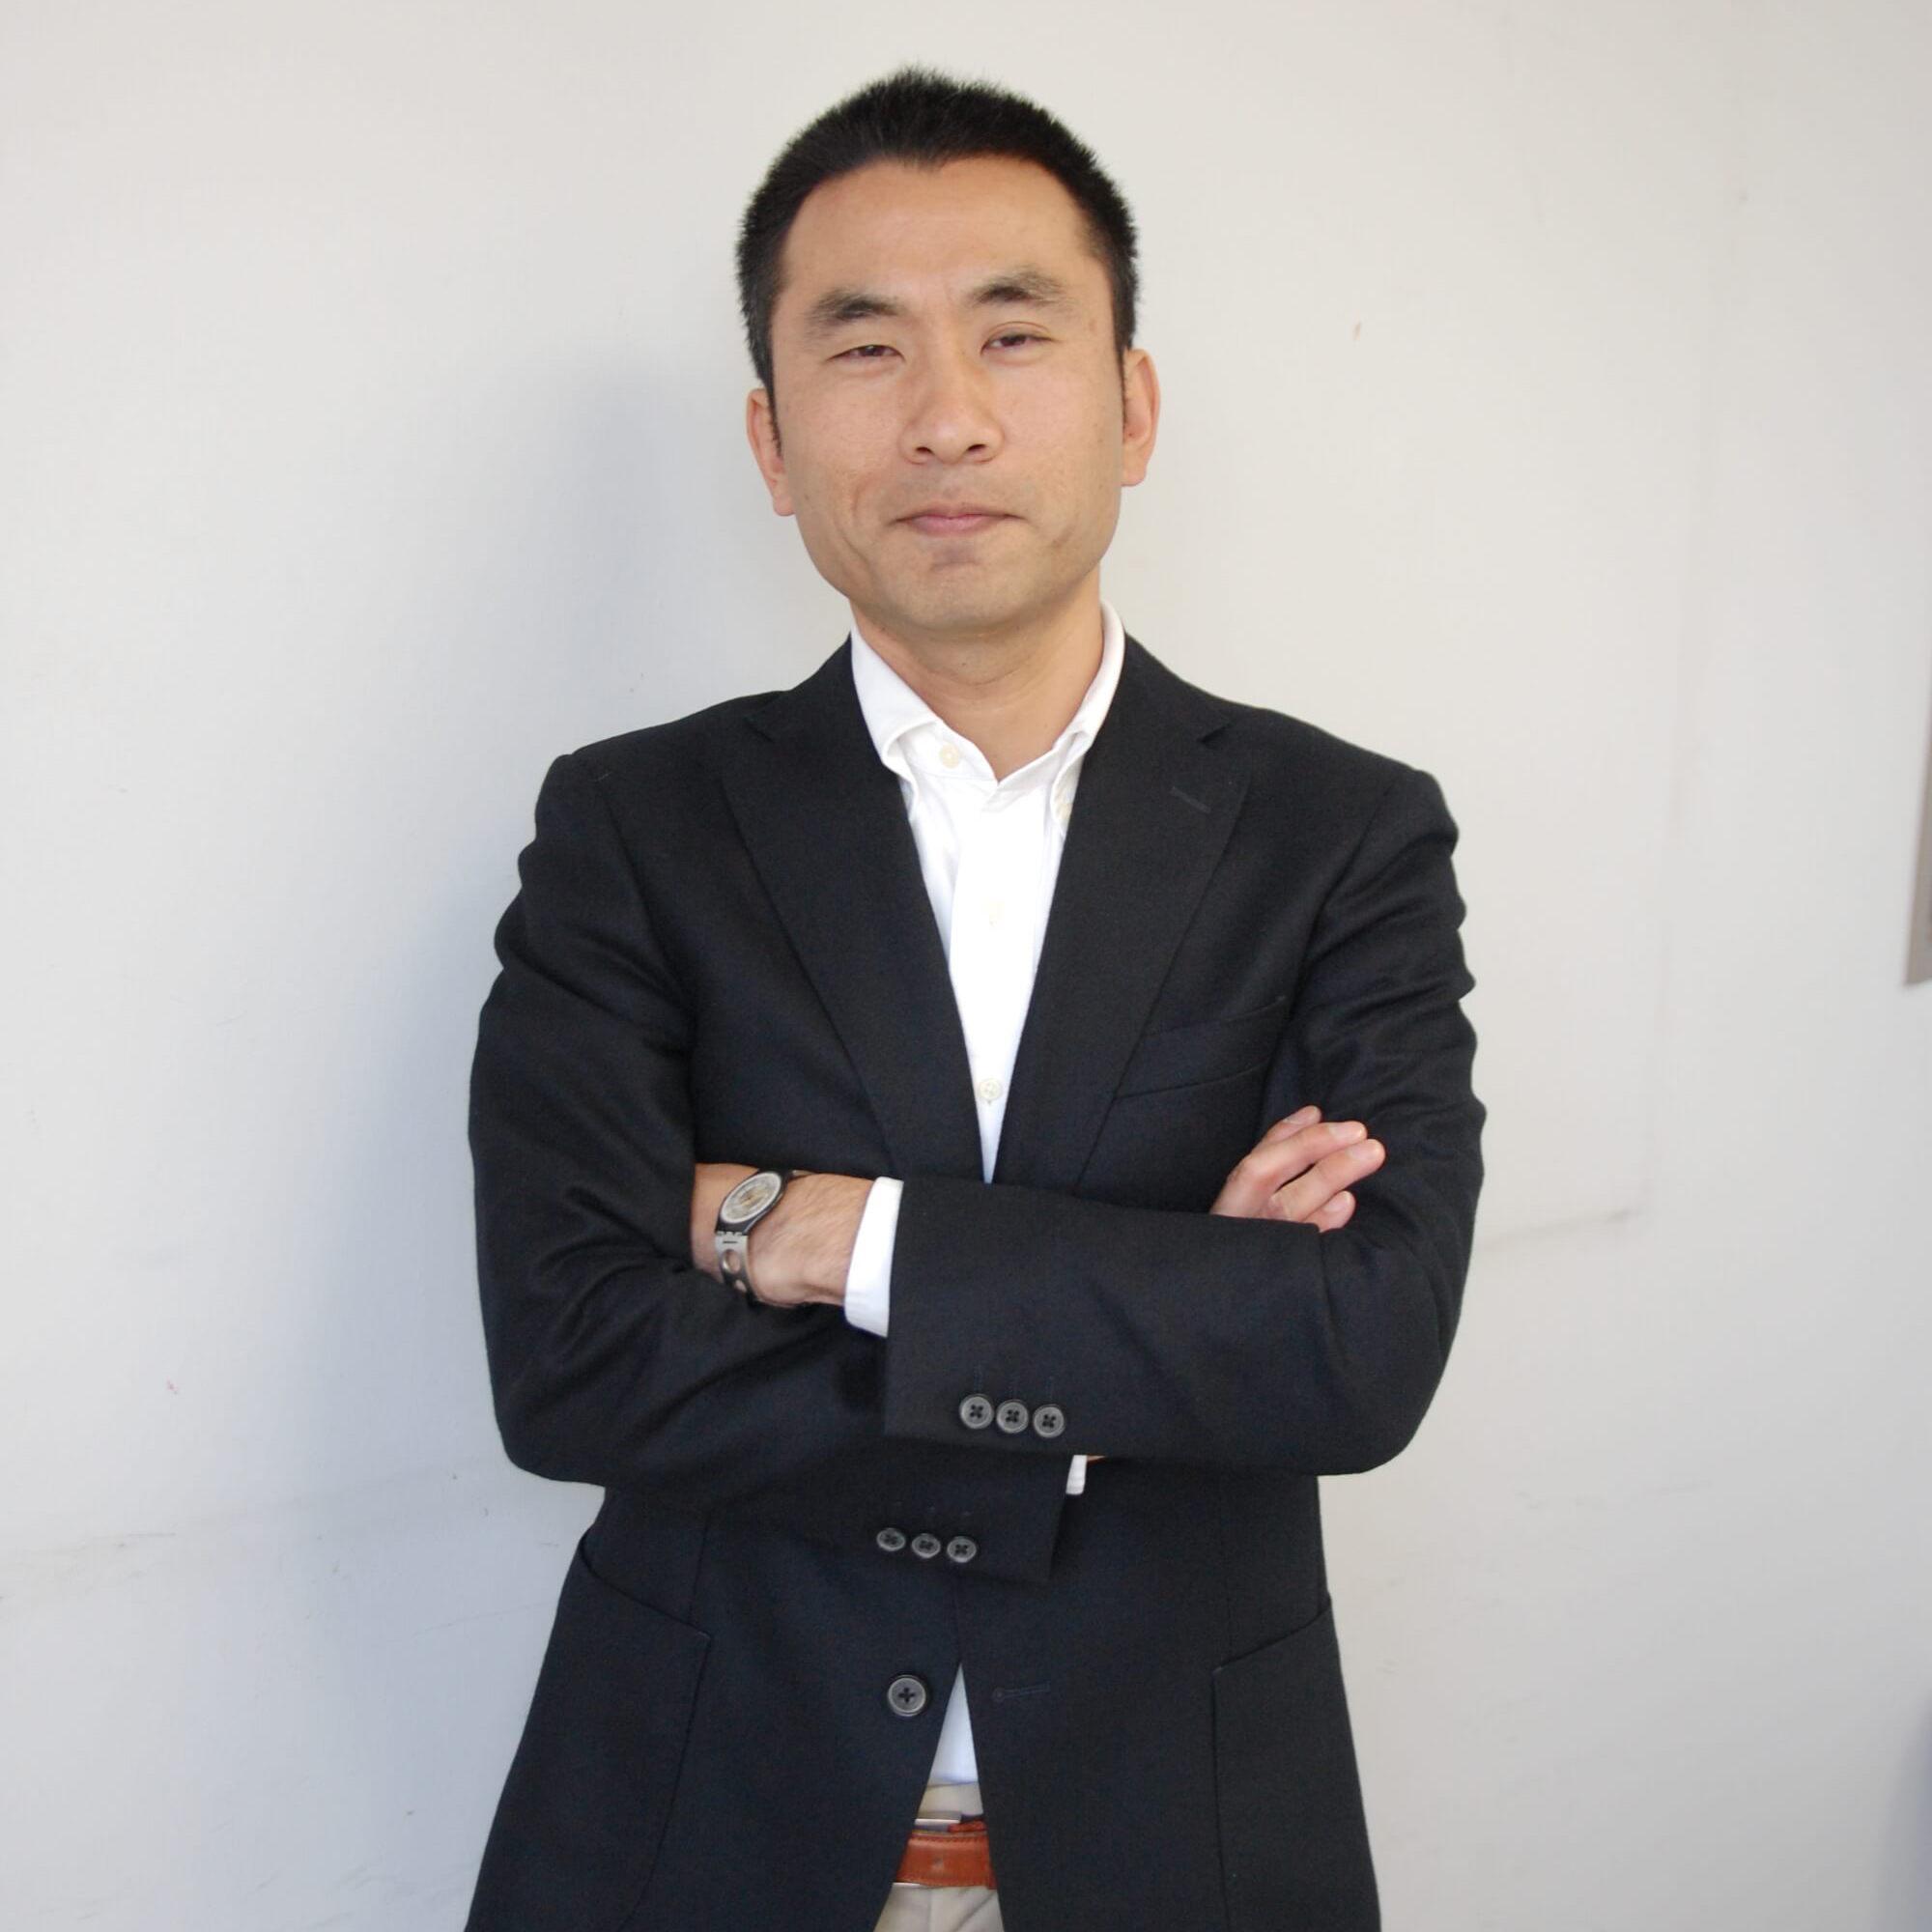 Okudaira san